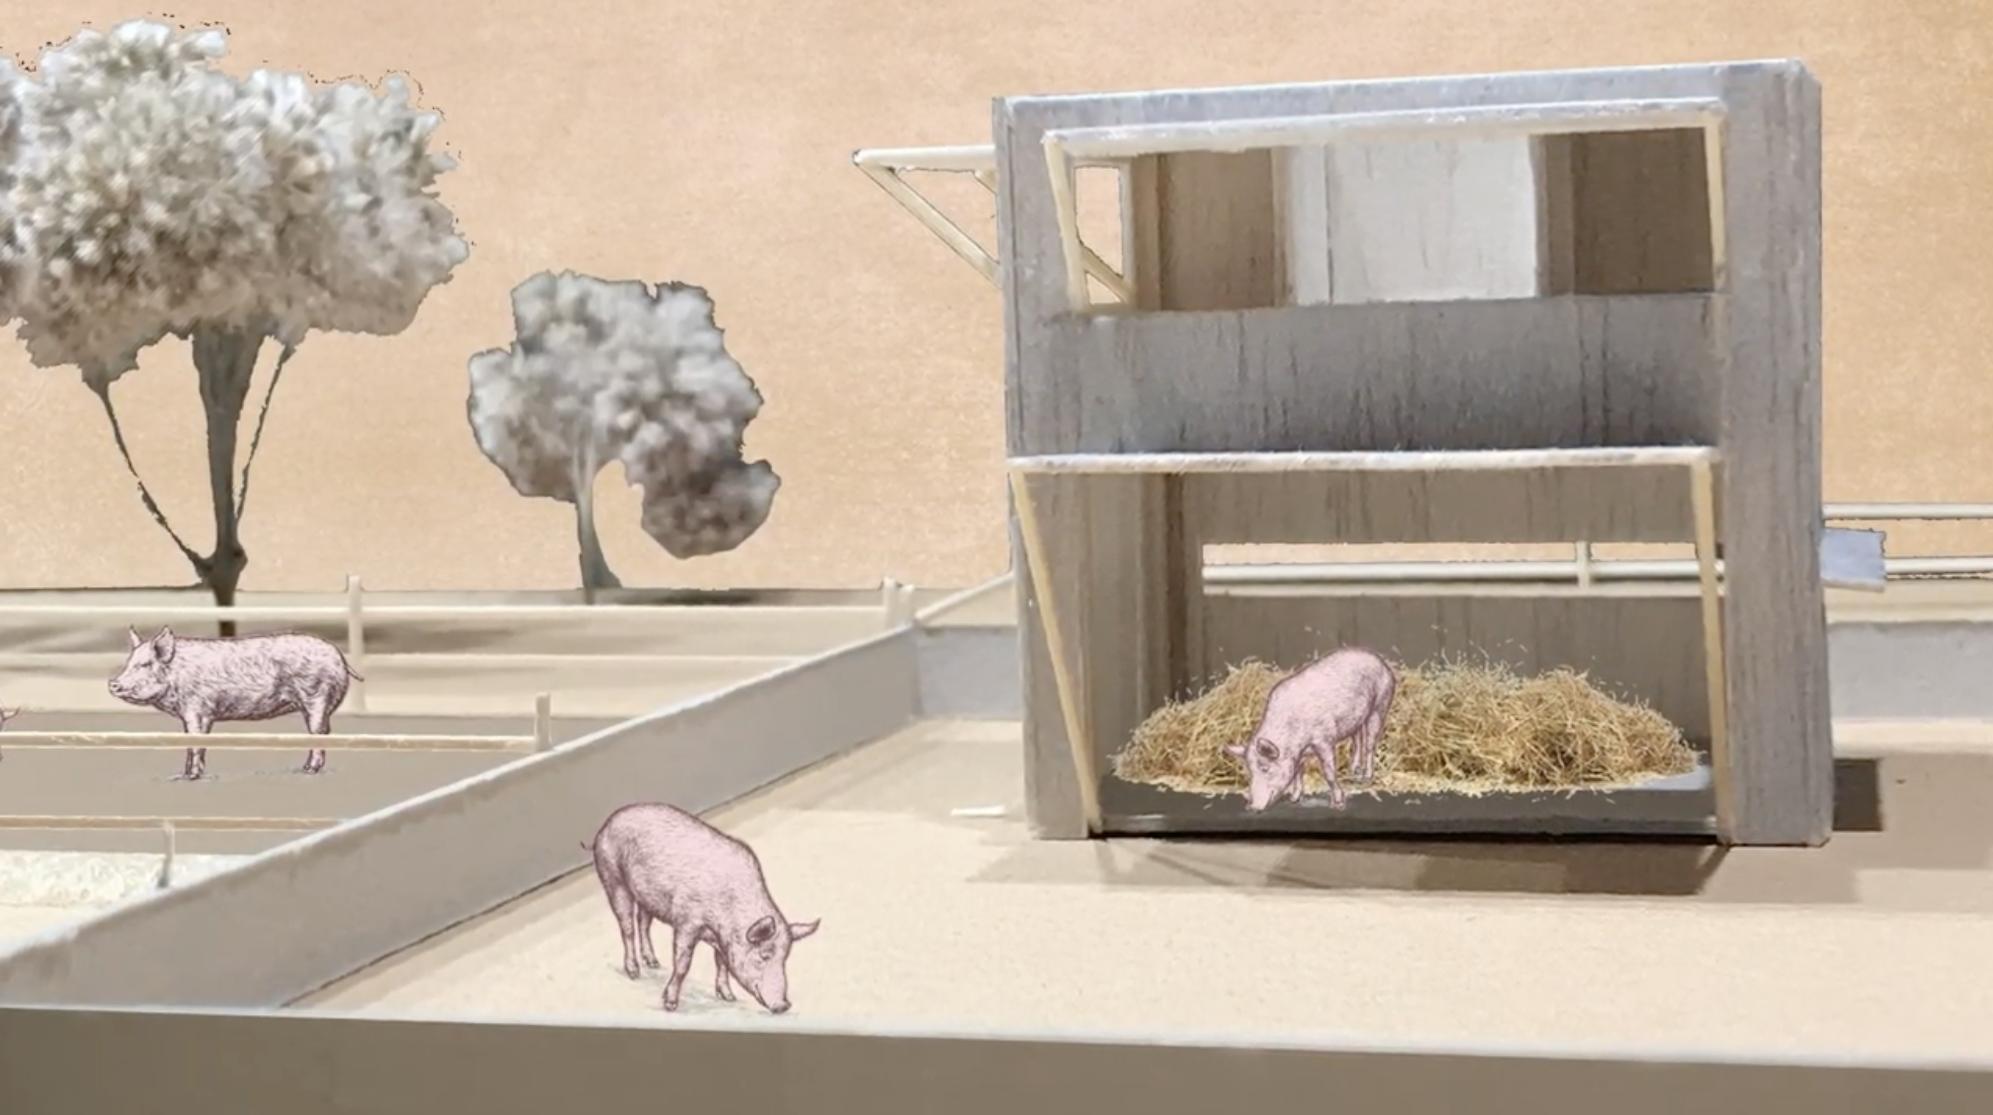 Архитектура для свиней – в Германии прошел конкурс на лучшие свиные виллы